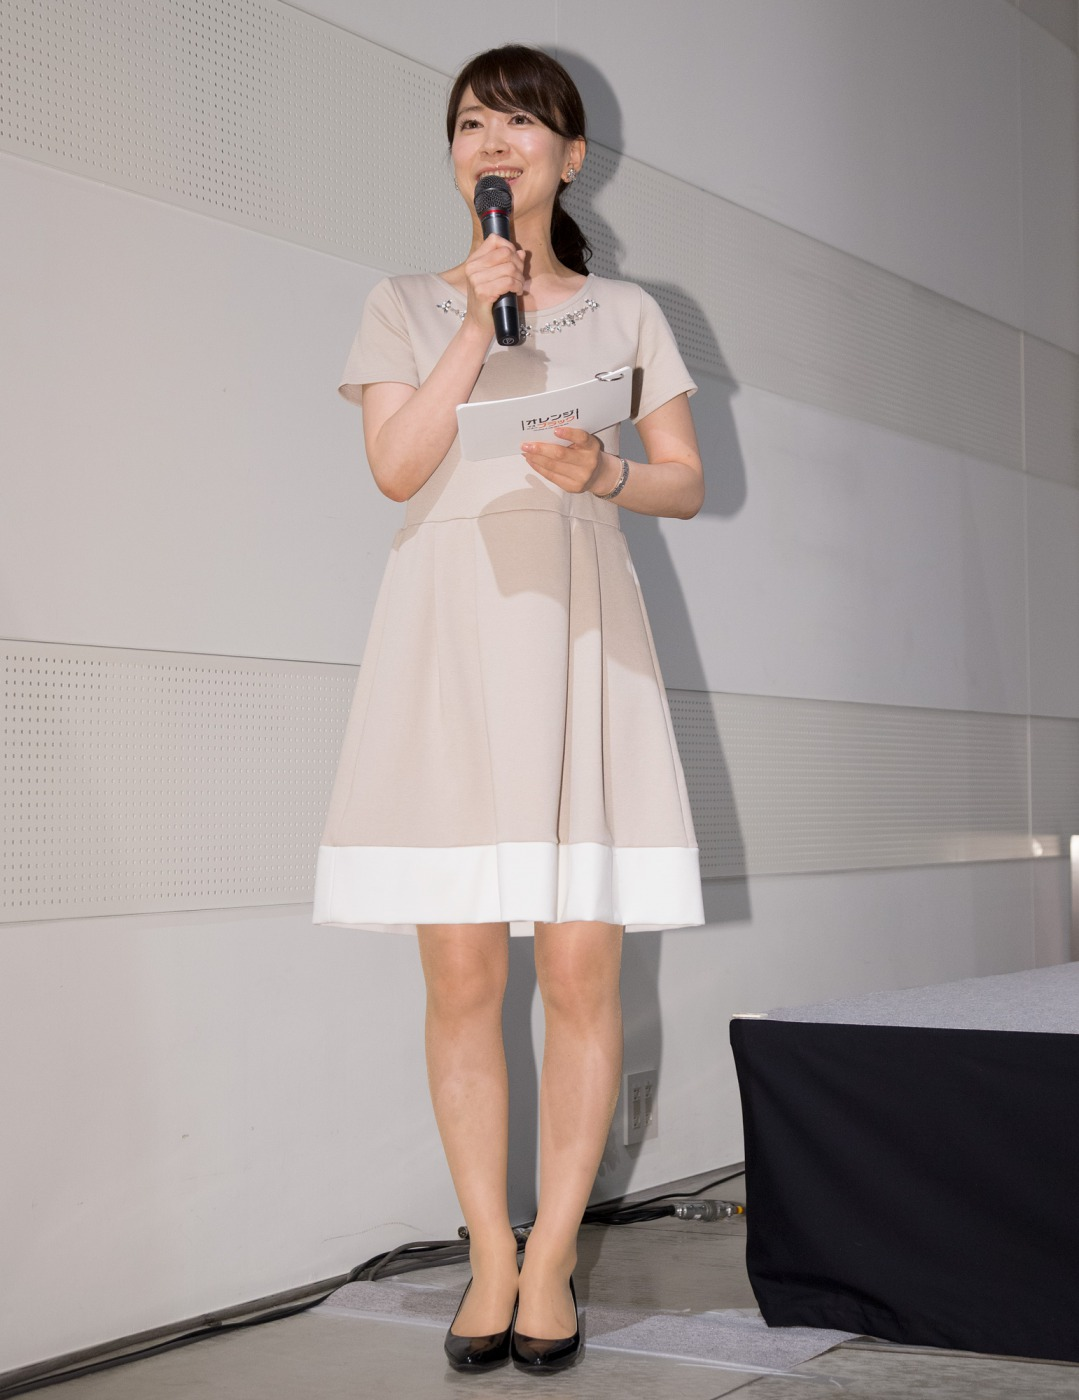 山田幸美の画像 p1_31